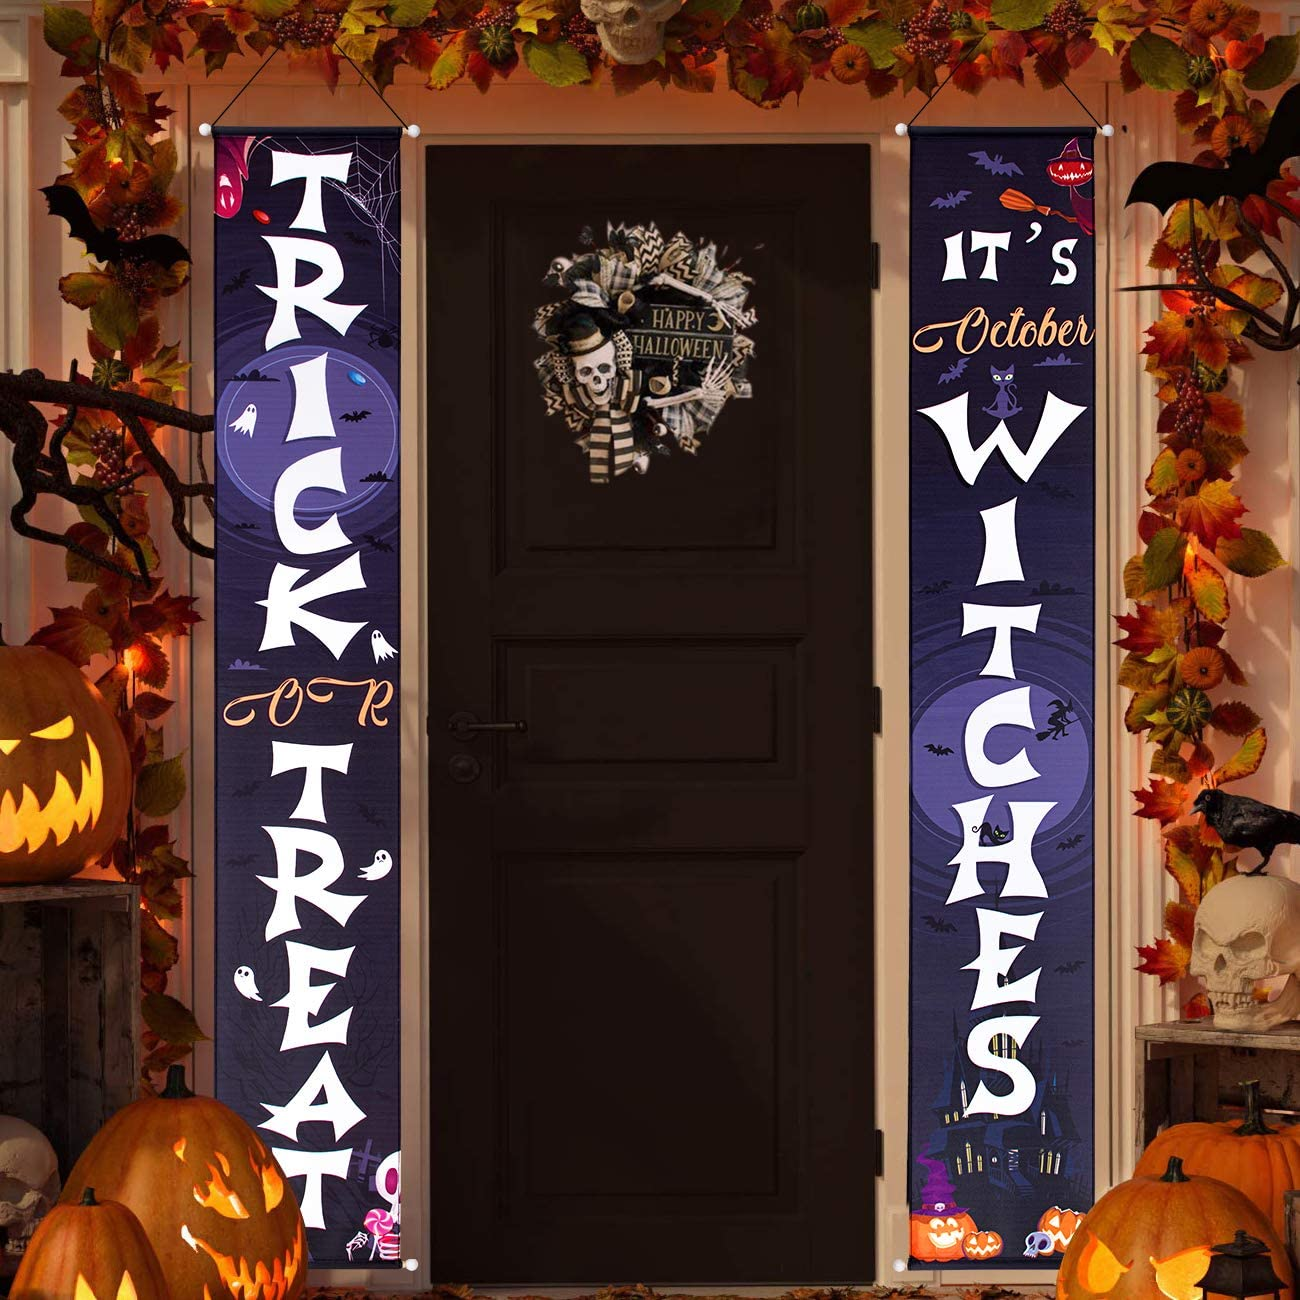 Halloween Door Decorations - Trick or Treat & It's October Witches Halloween Porch Decorations Halloween Hanging Signs for Front Door or Home Decor Indoor Outdoor